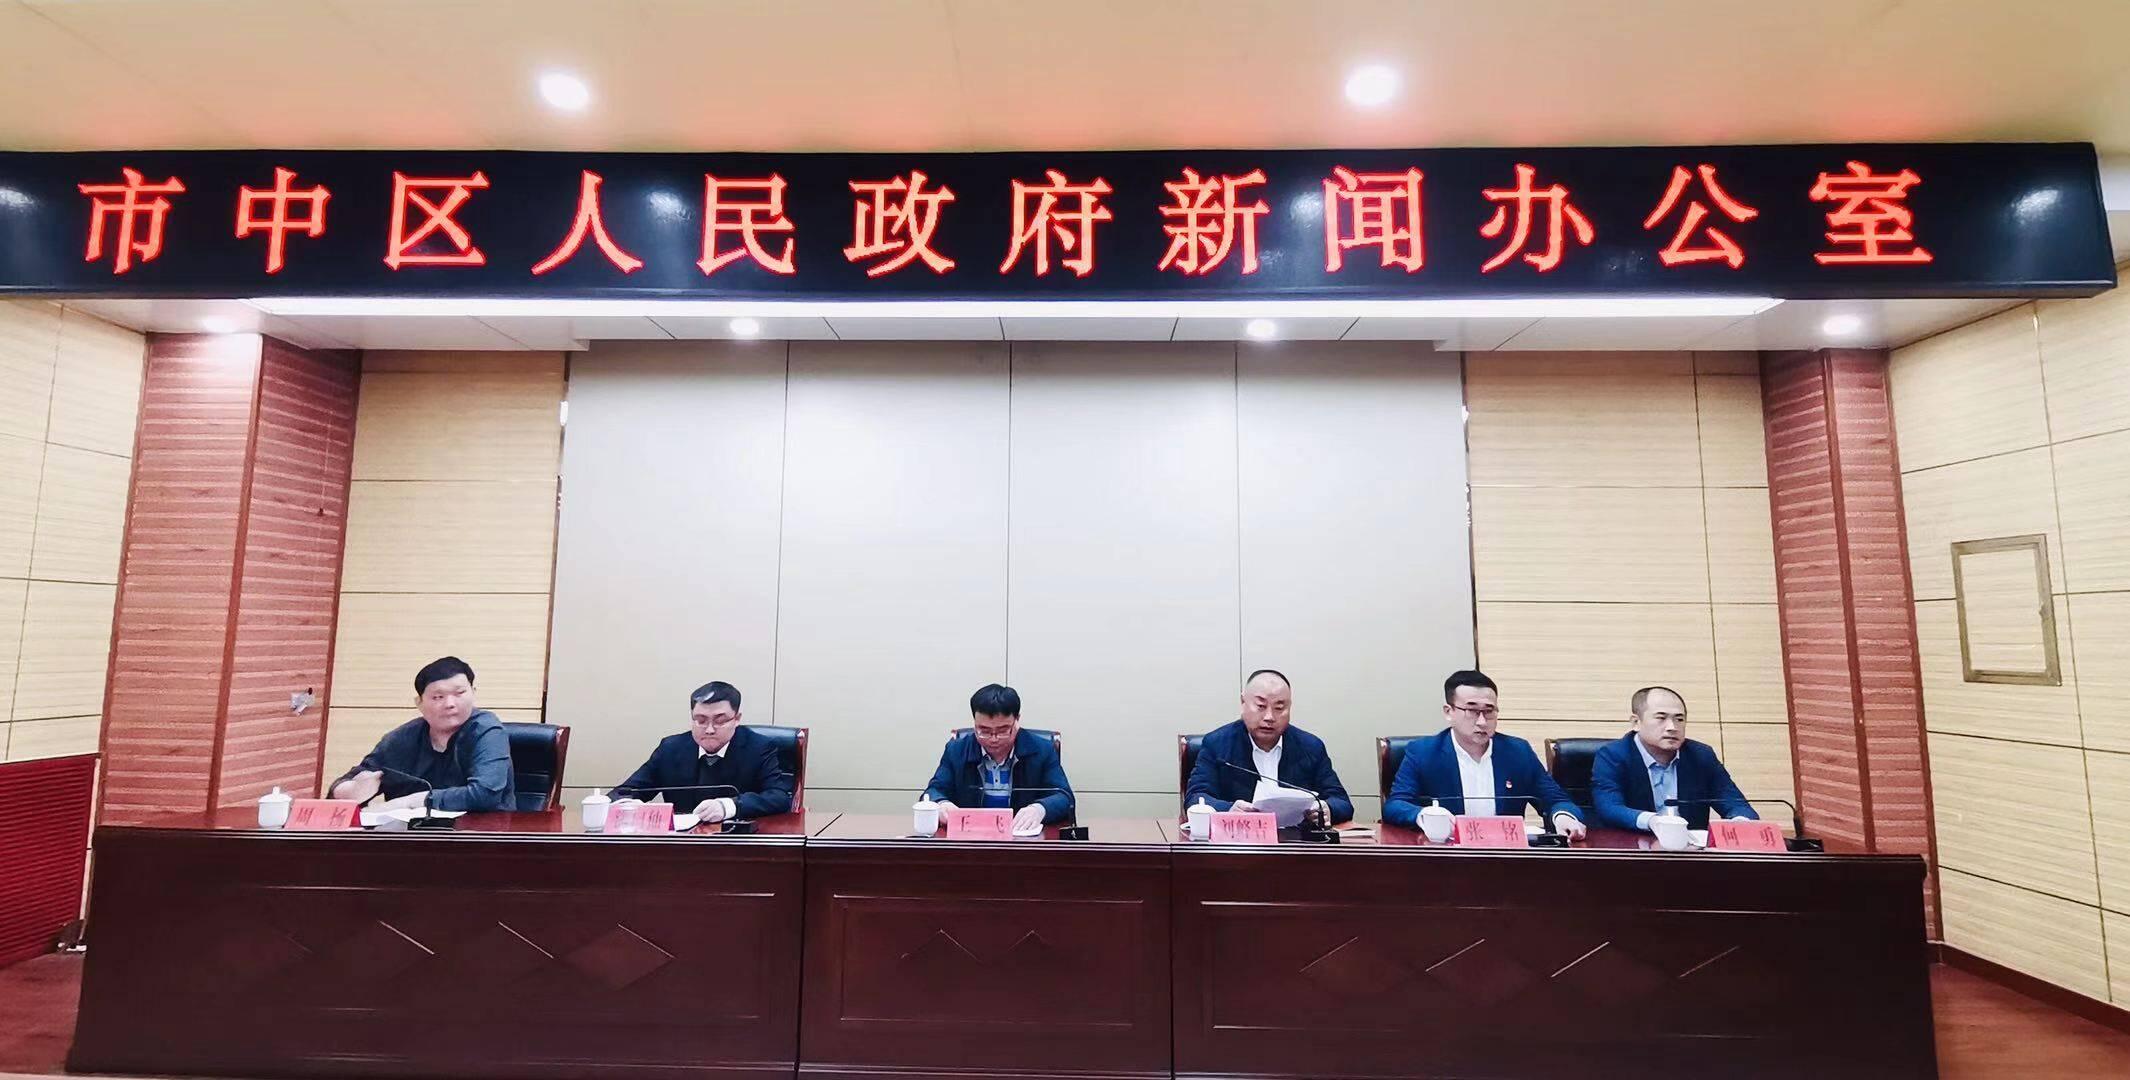 枣庄市中区举行安全生产和应急管理工作新闻发布会